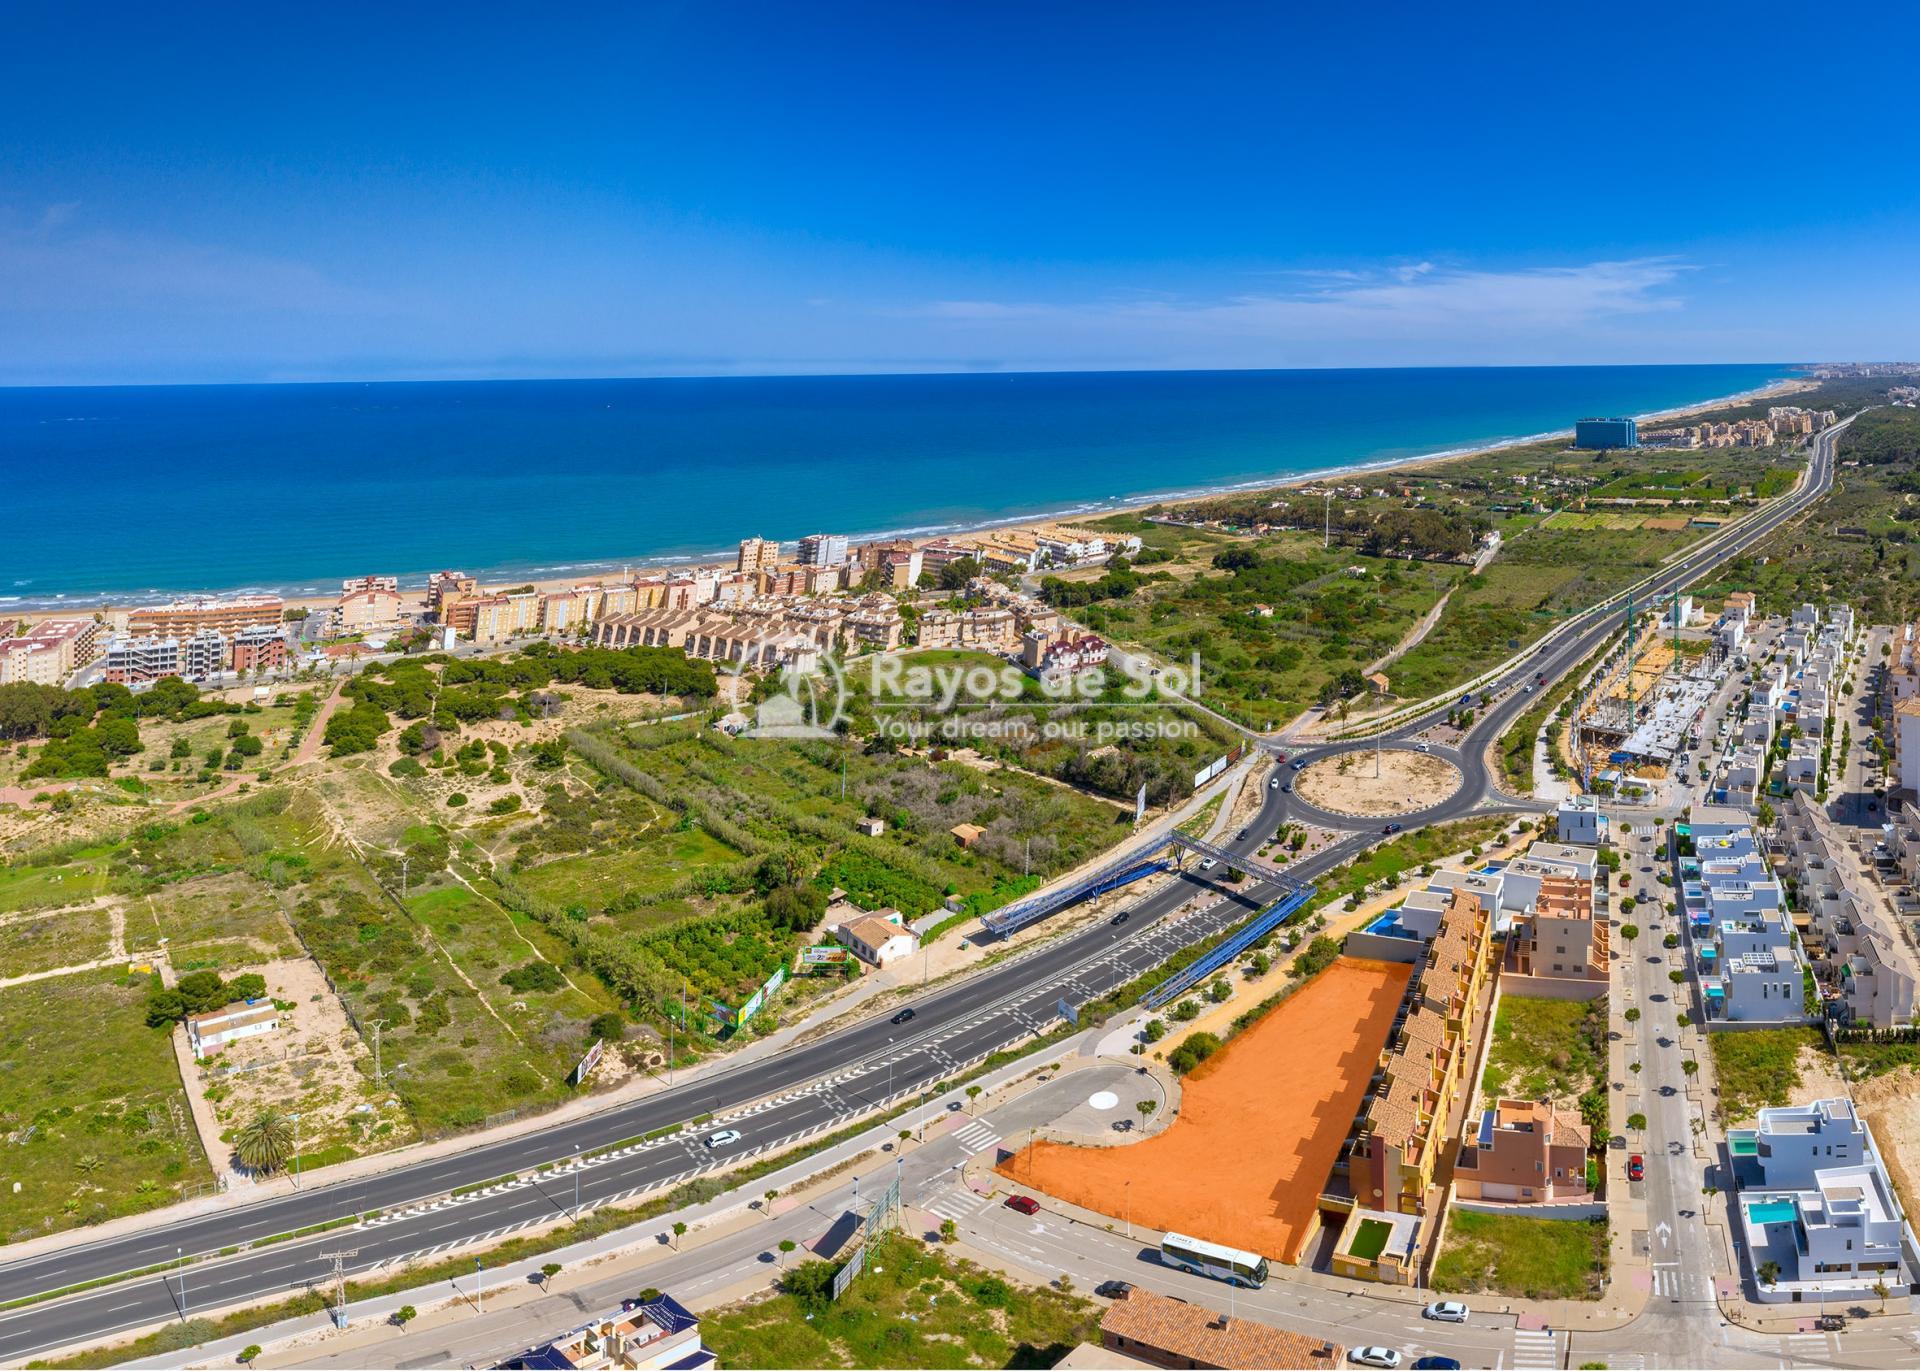 Apartment ground floor  in Guardamar del Segura, Costa Blanca (Royalp Sea app) - 16